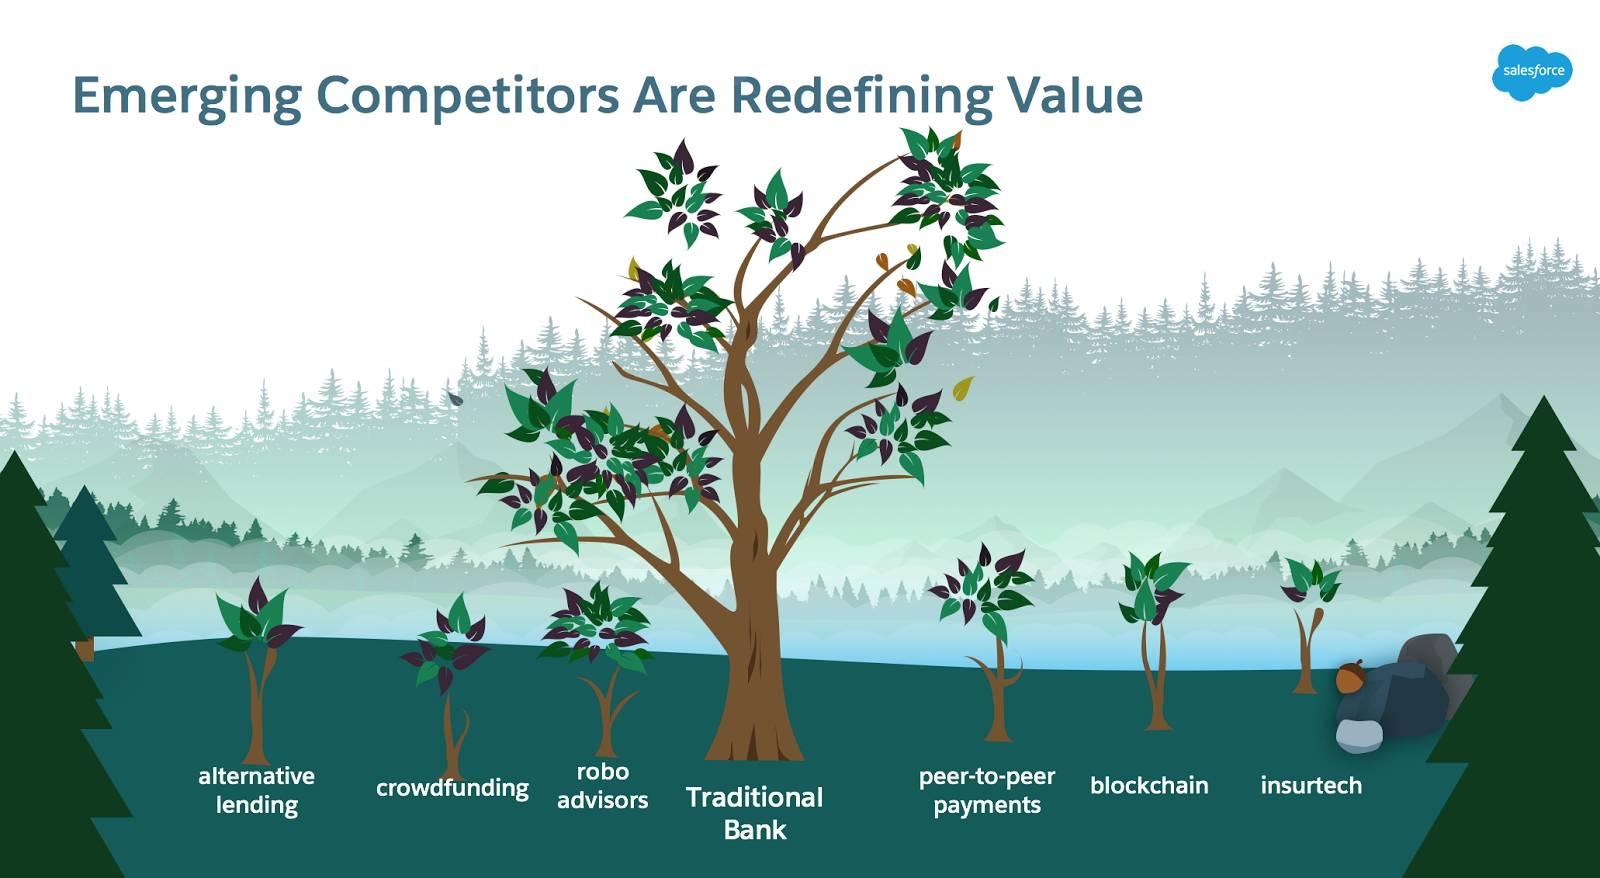 fintech (芽を出し始めた複数の小さな木) がどのように登場して従来の銀行 (1 本の大きな木) をおびやかす存在になるかを示す画像